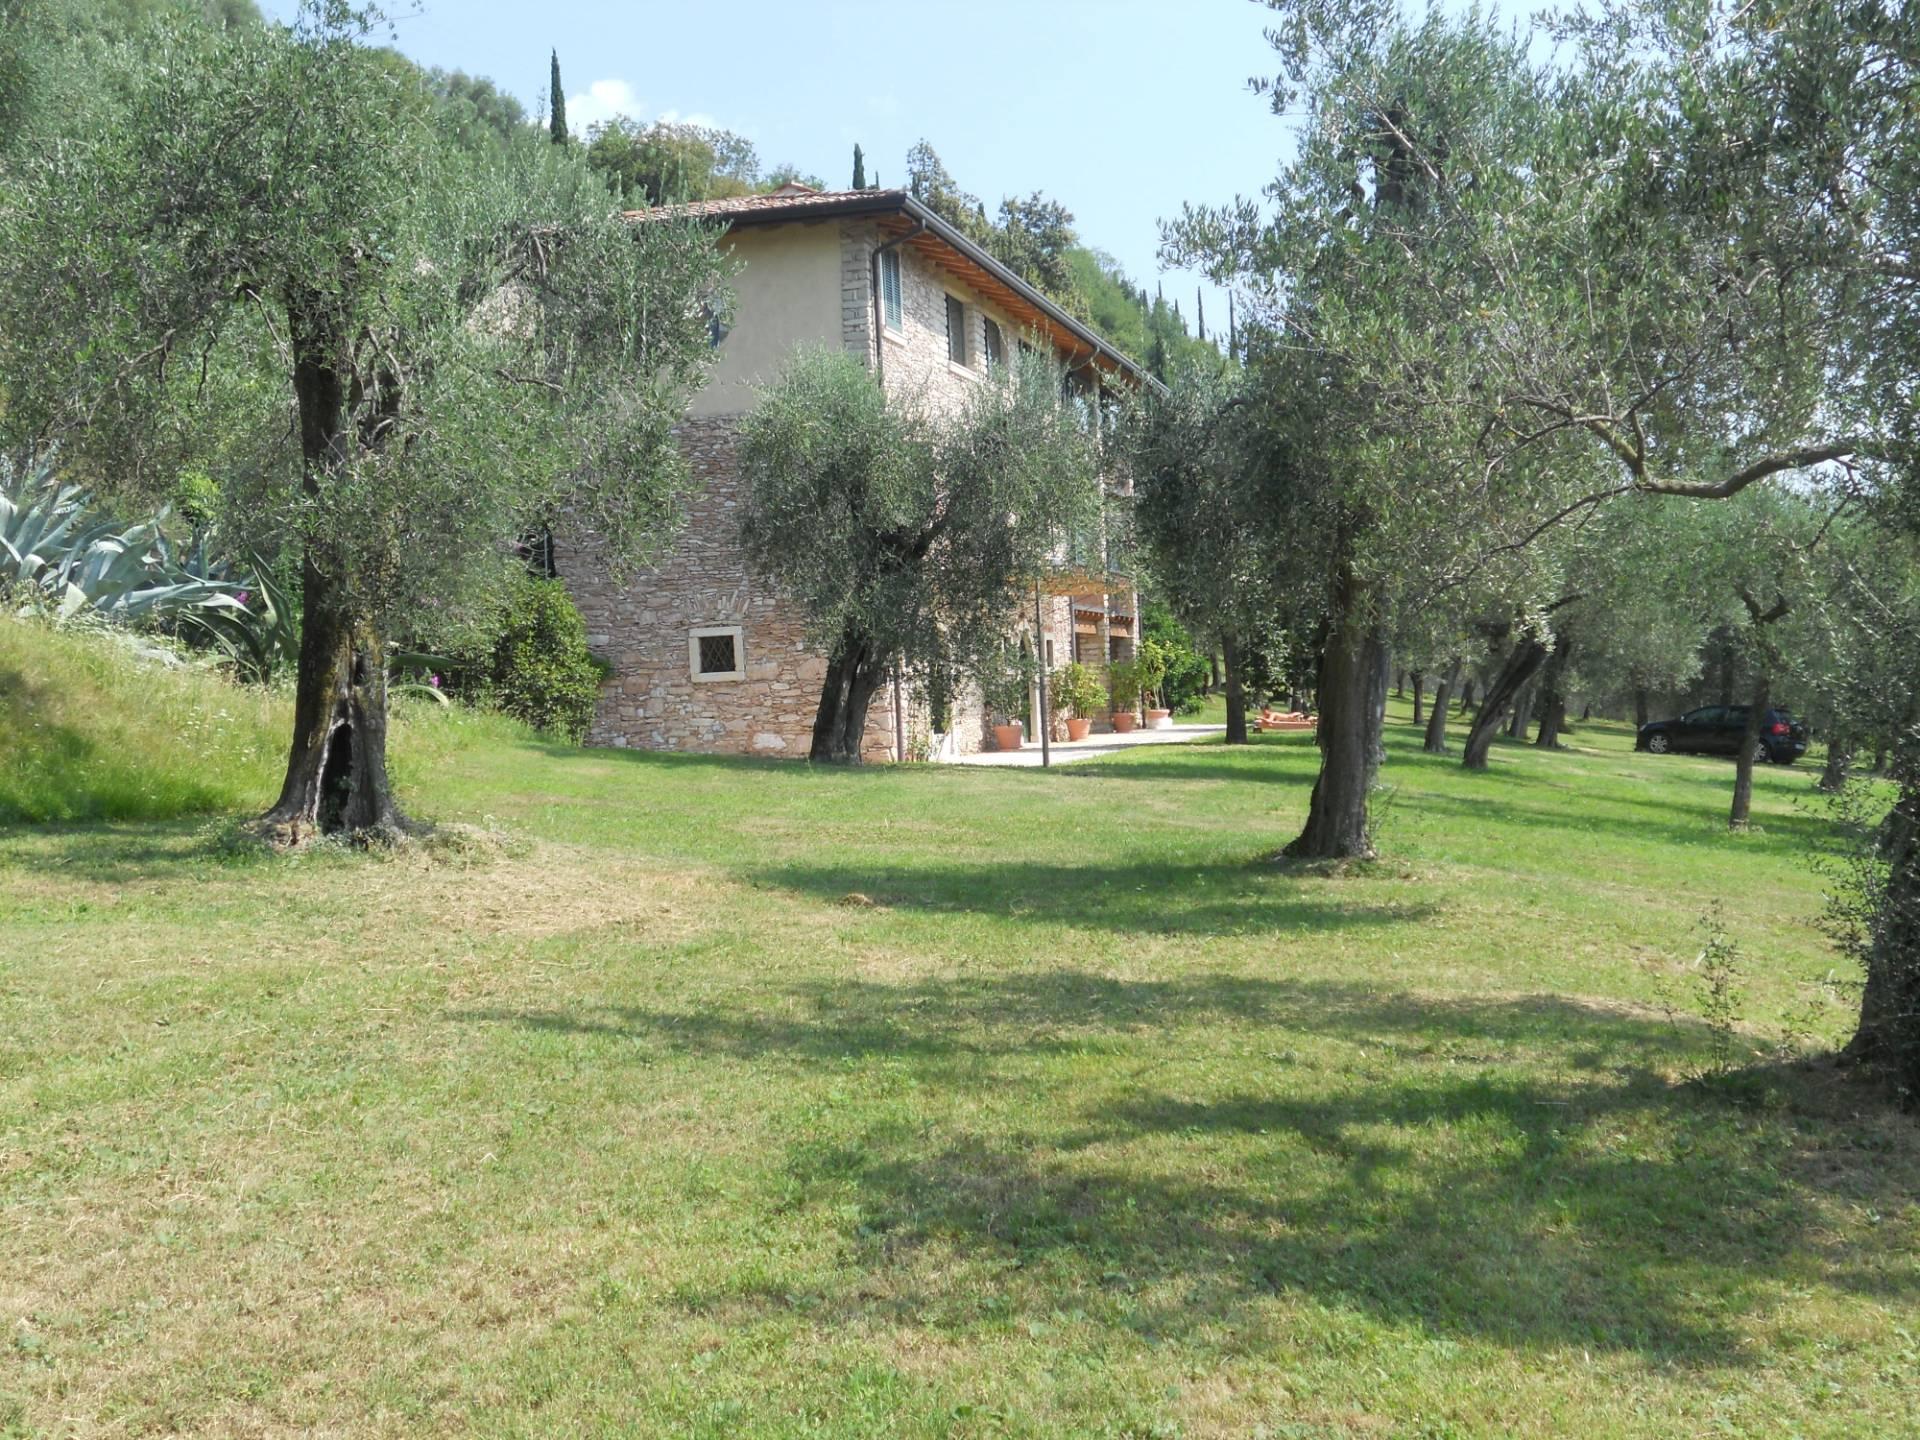 Rustico in Vendita a Toscolano-Maderno: 5 locali, 600 mq - Foto 2